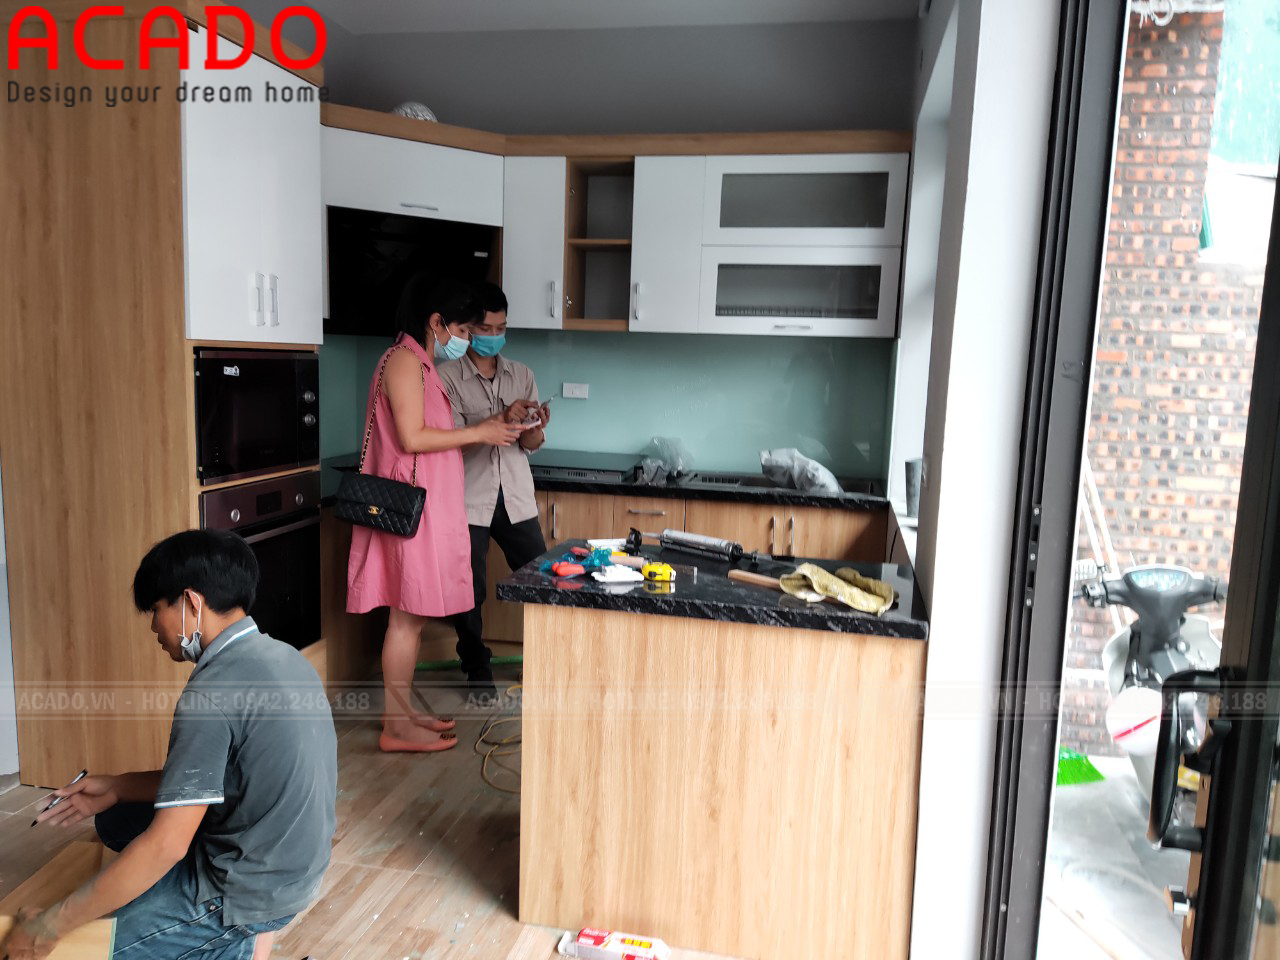 Thợ thi công nôi thất ACADO thực hiện quá trình lắp đặt - Lắp đặt tủ bếp tại Tây Hồ